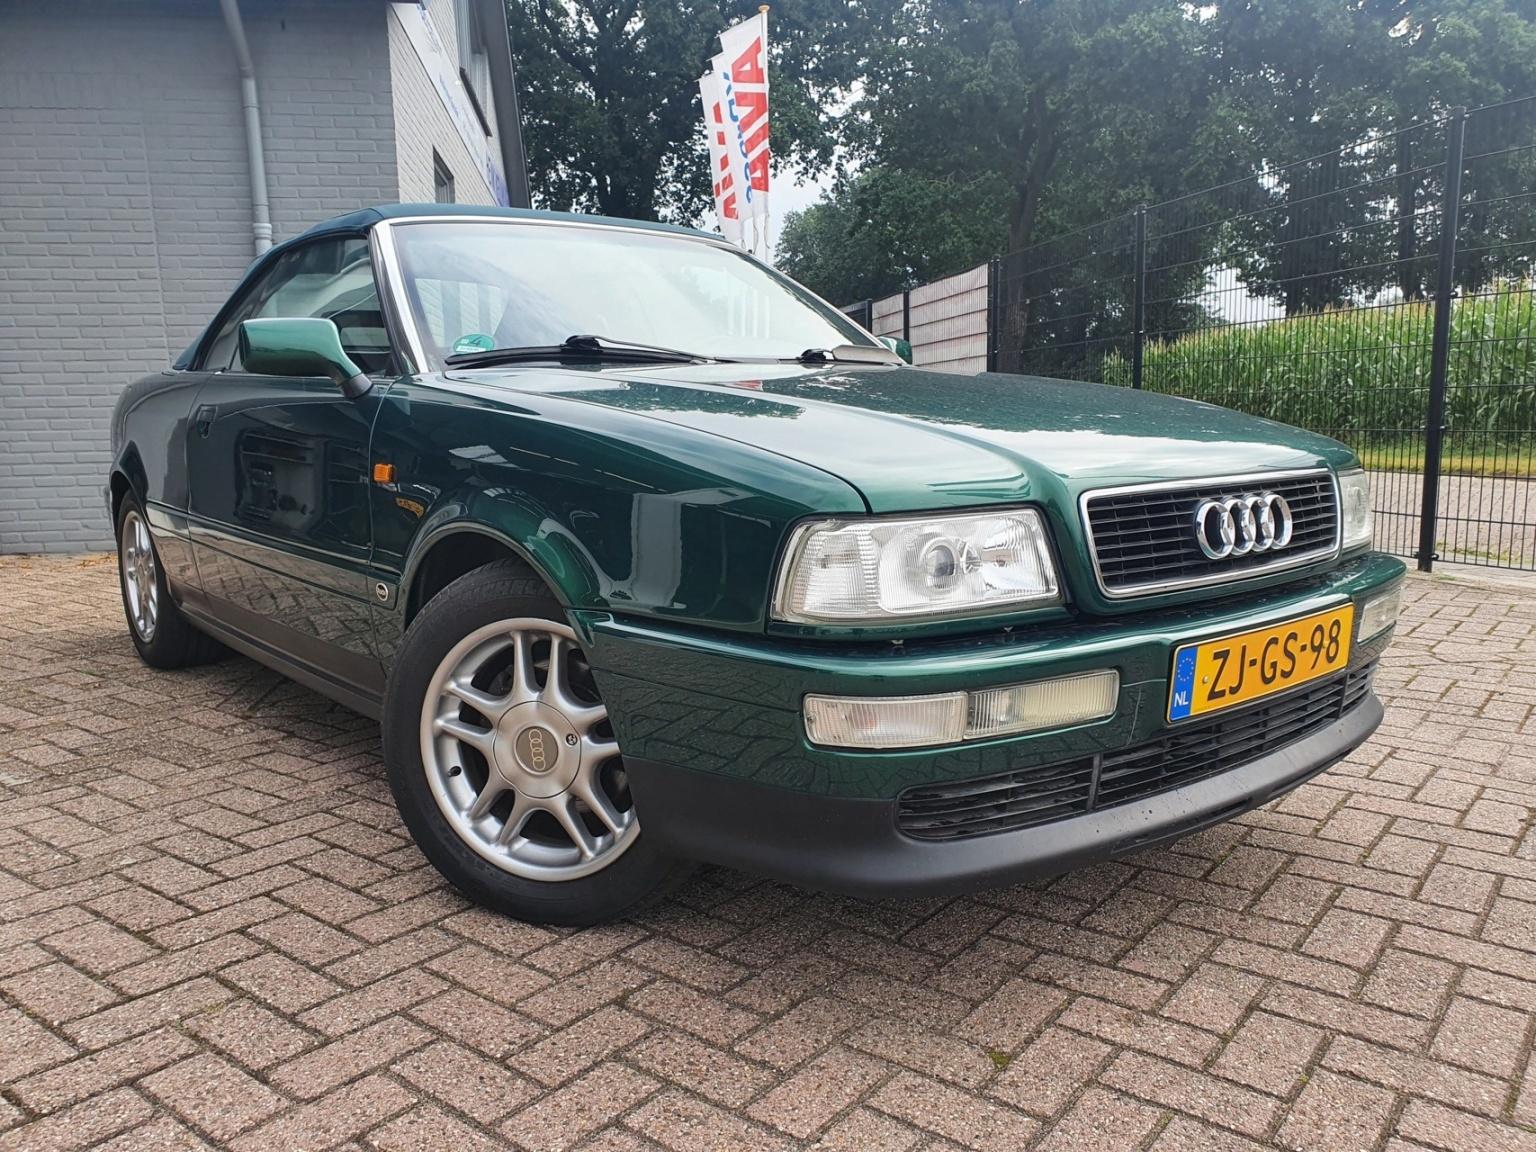 Audi-Cabriolet-15